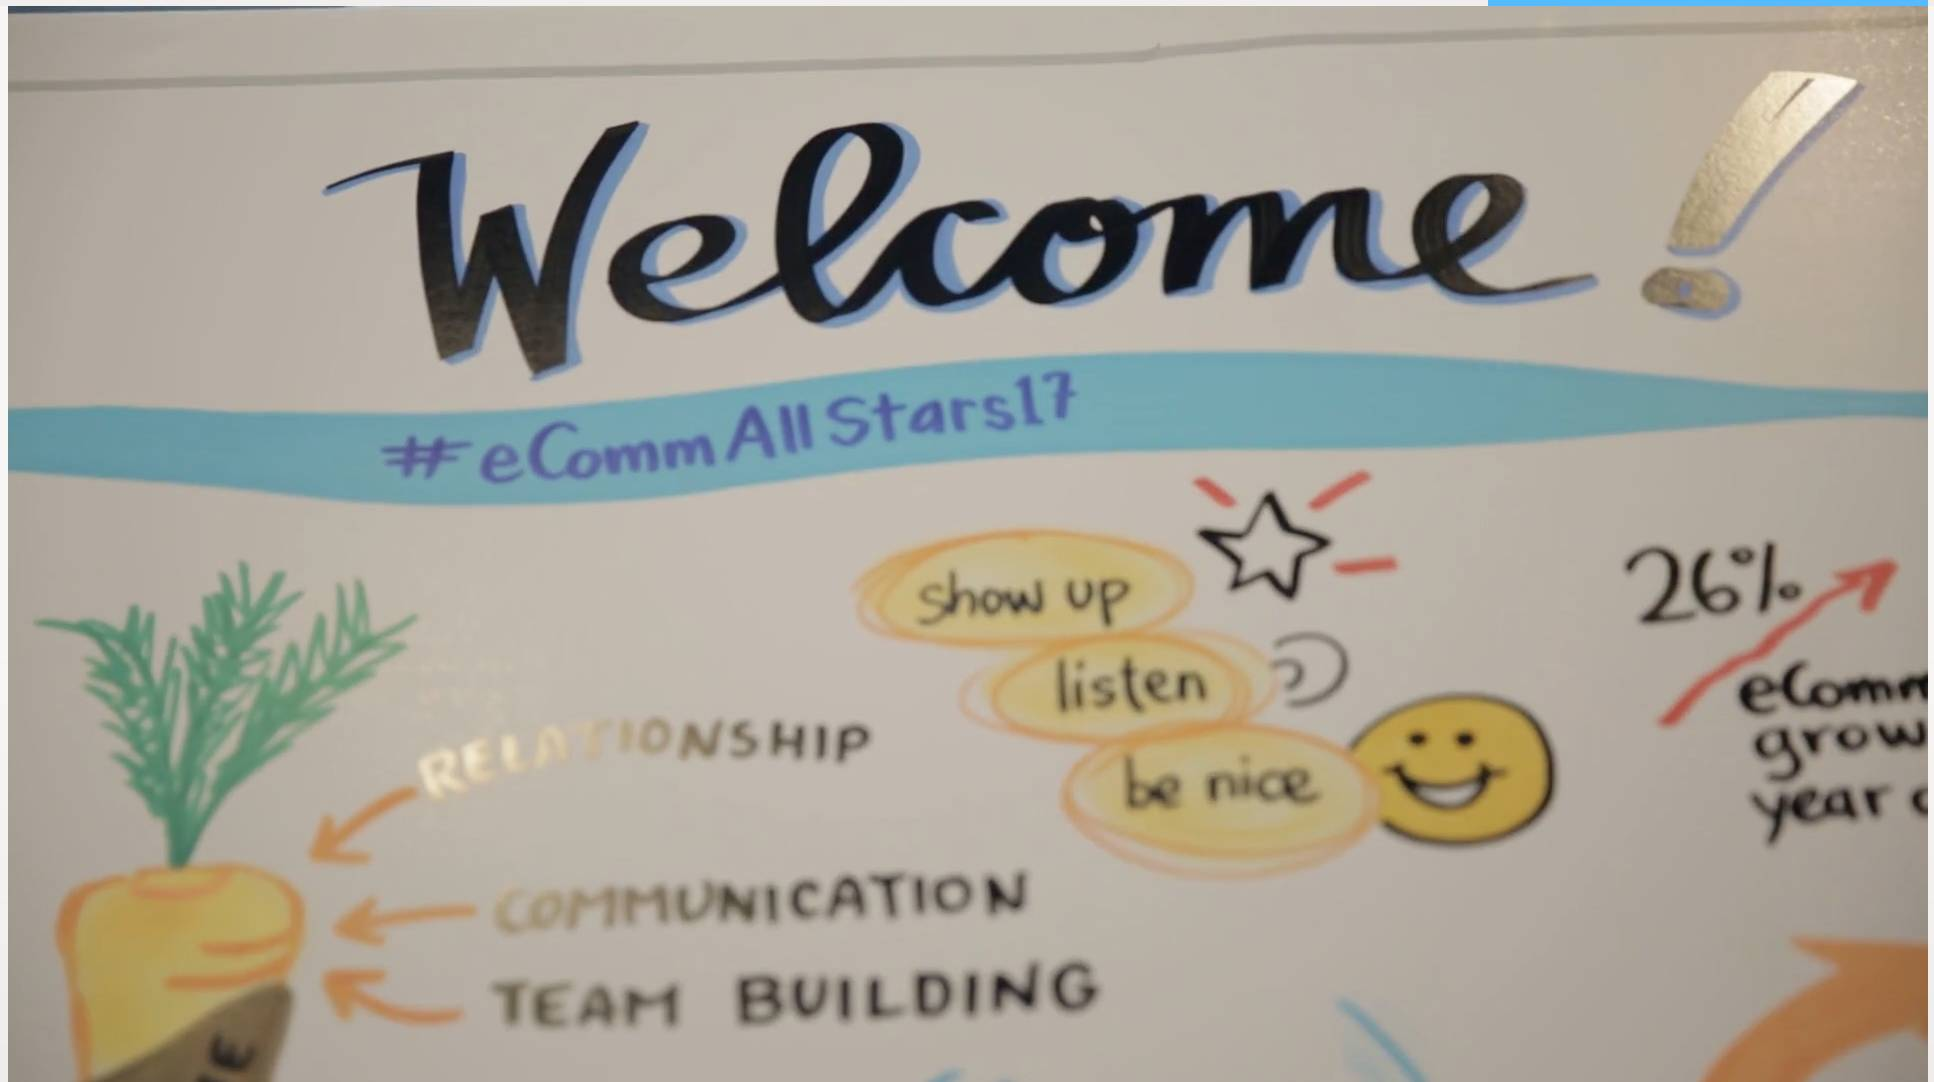 #eCommAllStars17